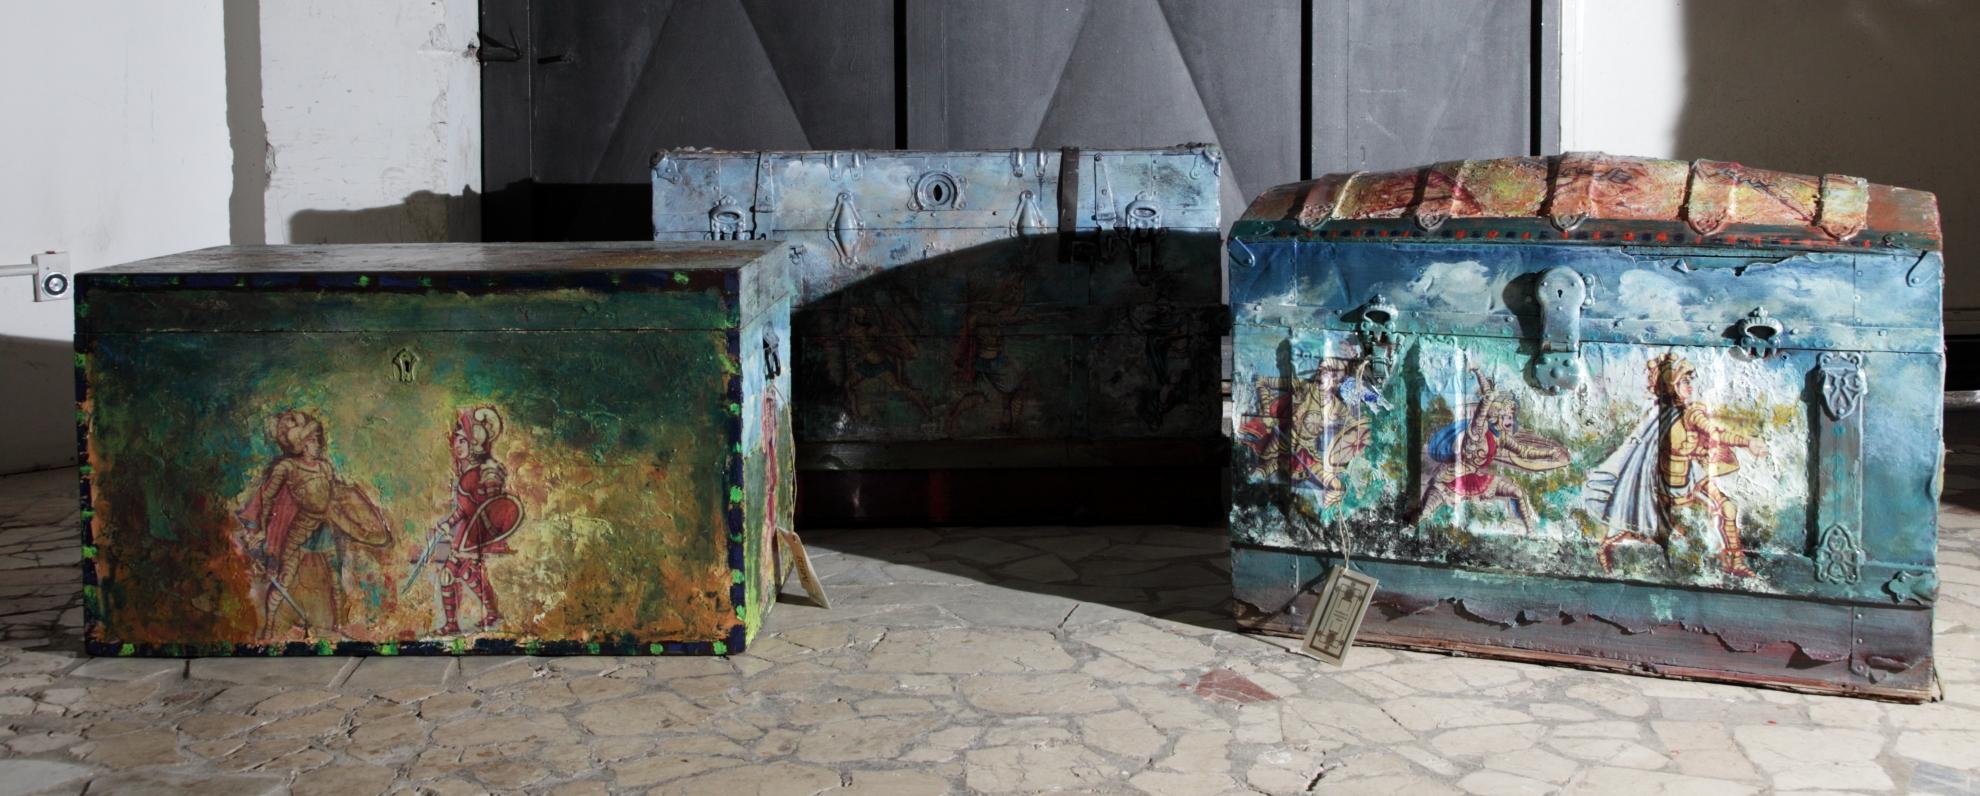 L 39 opera dei pupi nell 39 arredamento moderno teypat for Arte nell arredo